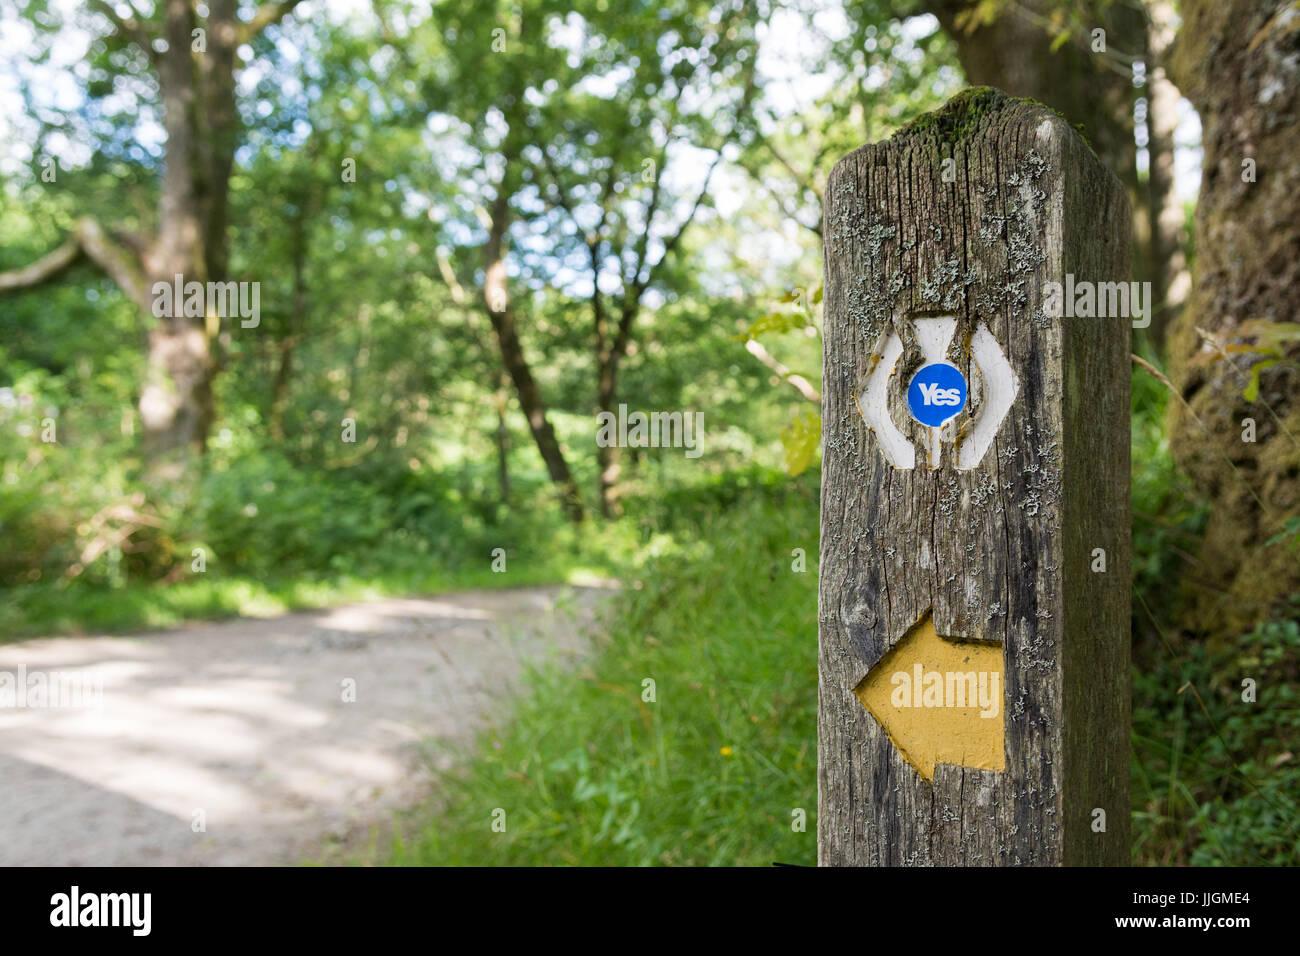 Référendum sur l'indépendance écossaise - Notion - oui autocollant sur West Highland Way Photo Stock